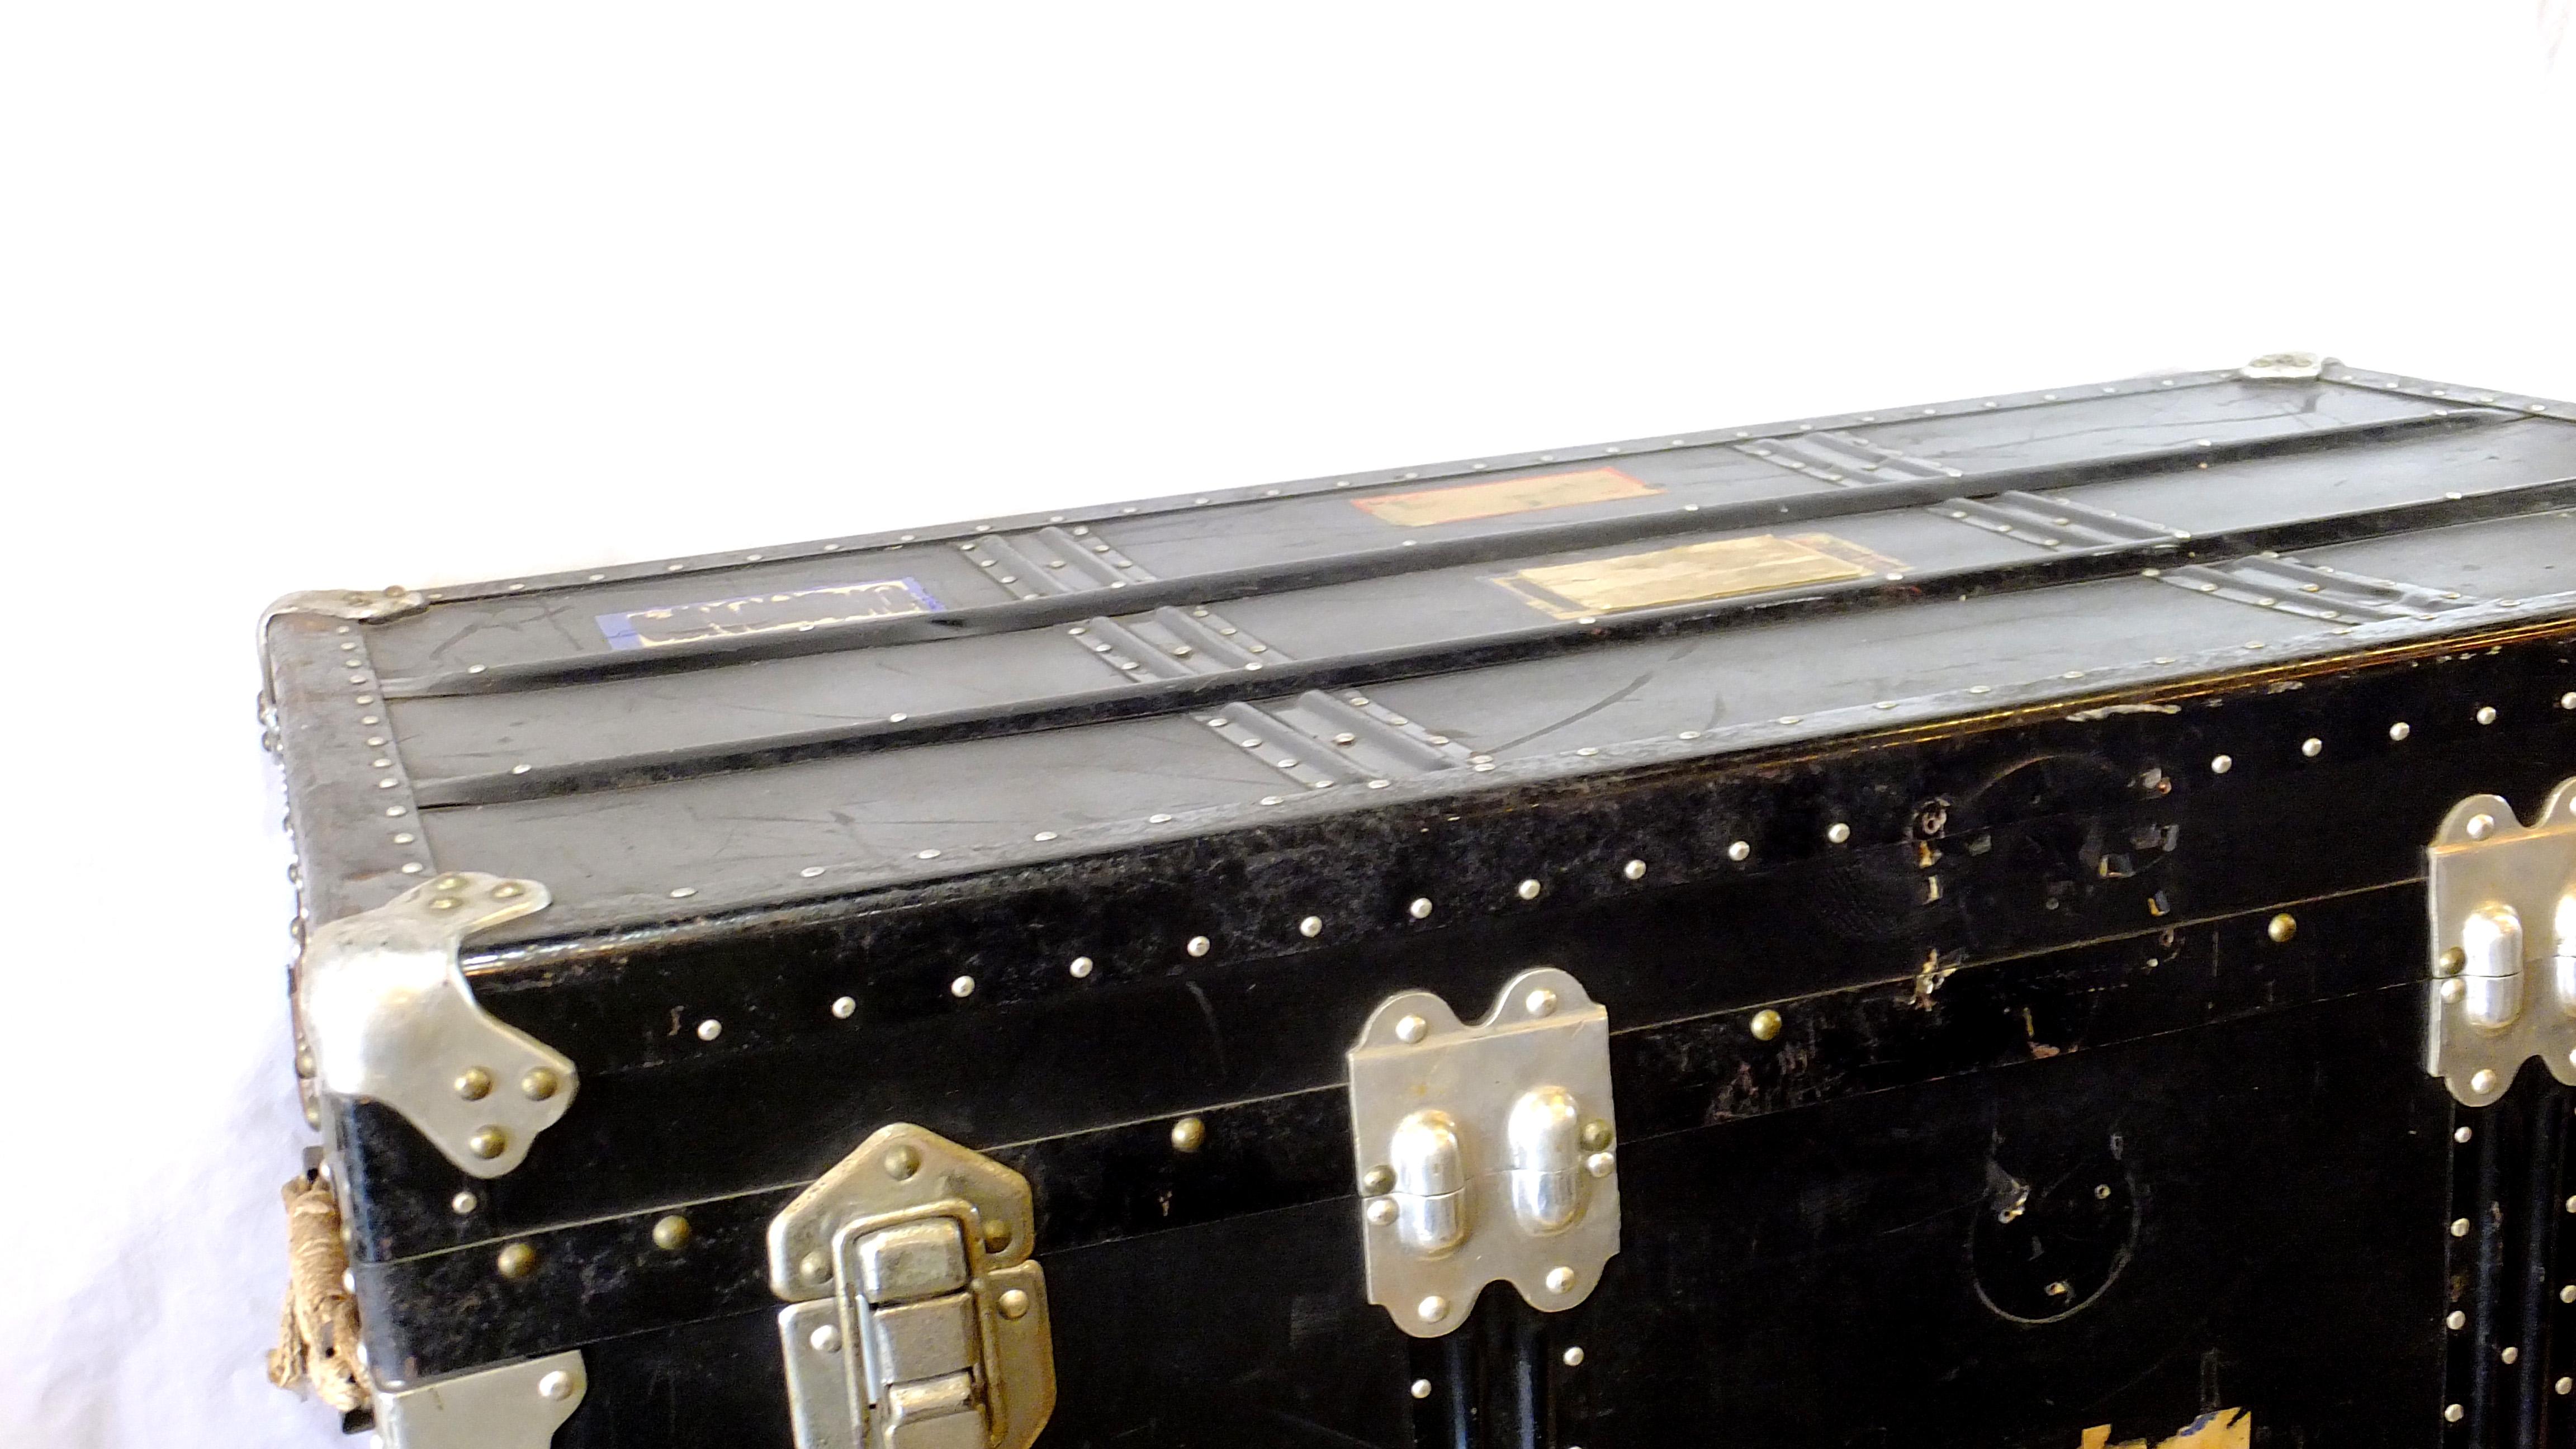 AMERICAN VINTAGE STYLE TRANSPORT BOX / ヴィンテージ トランク シャビー アメリカンスタイル